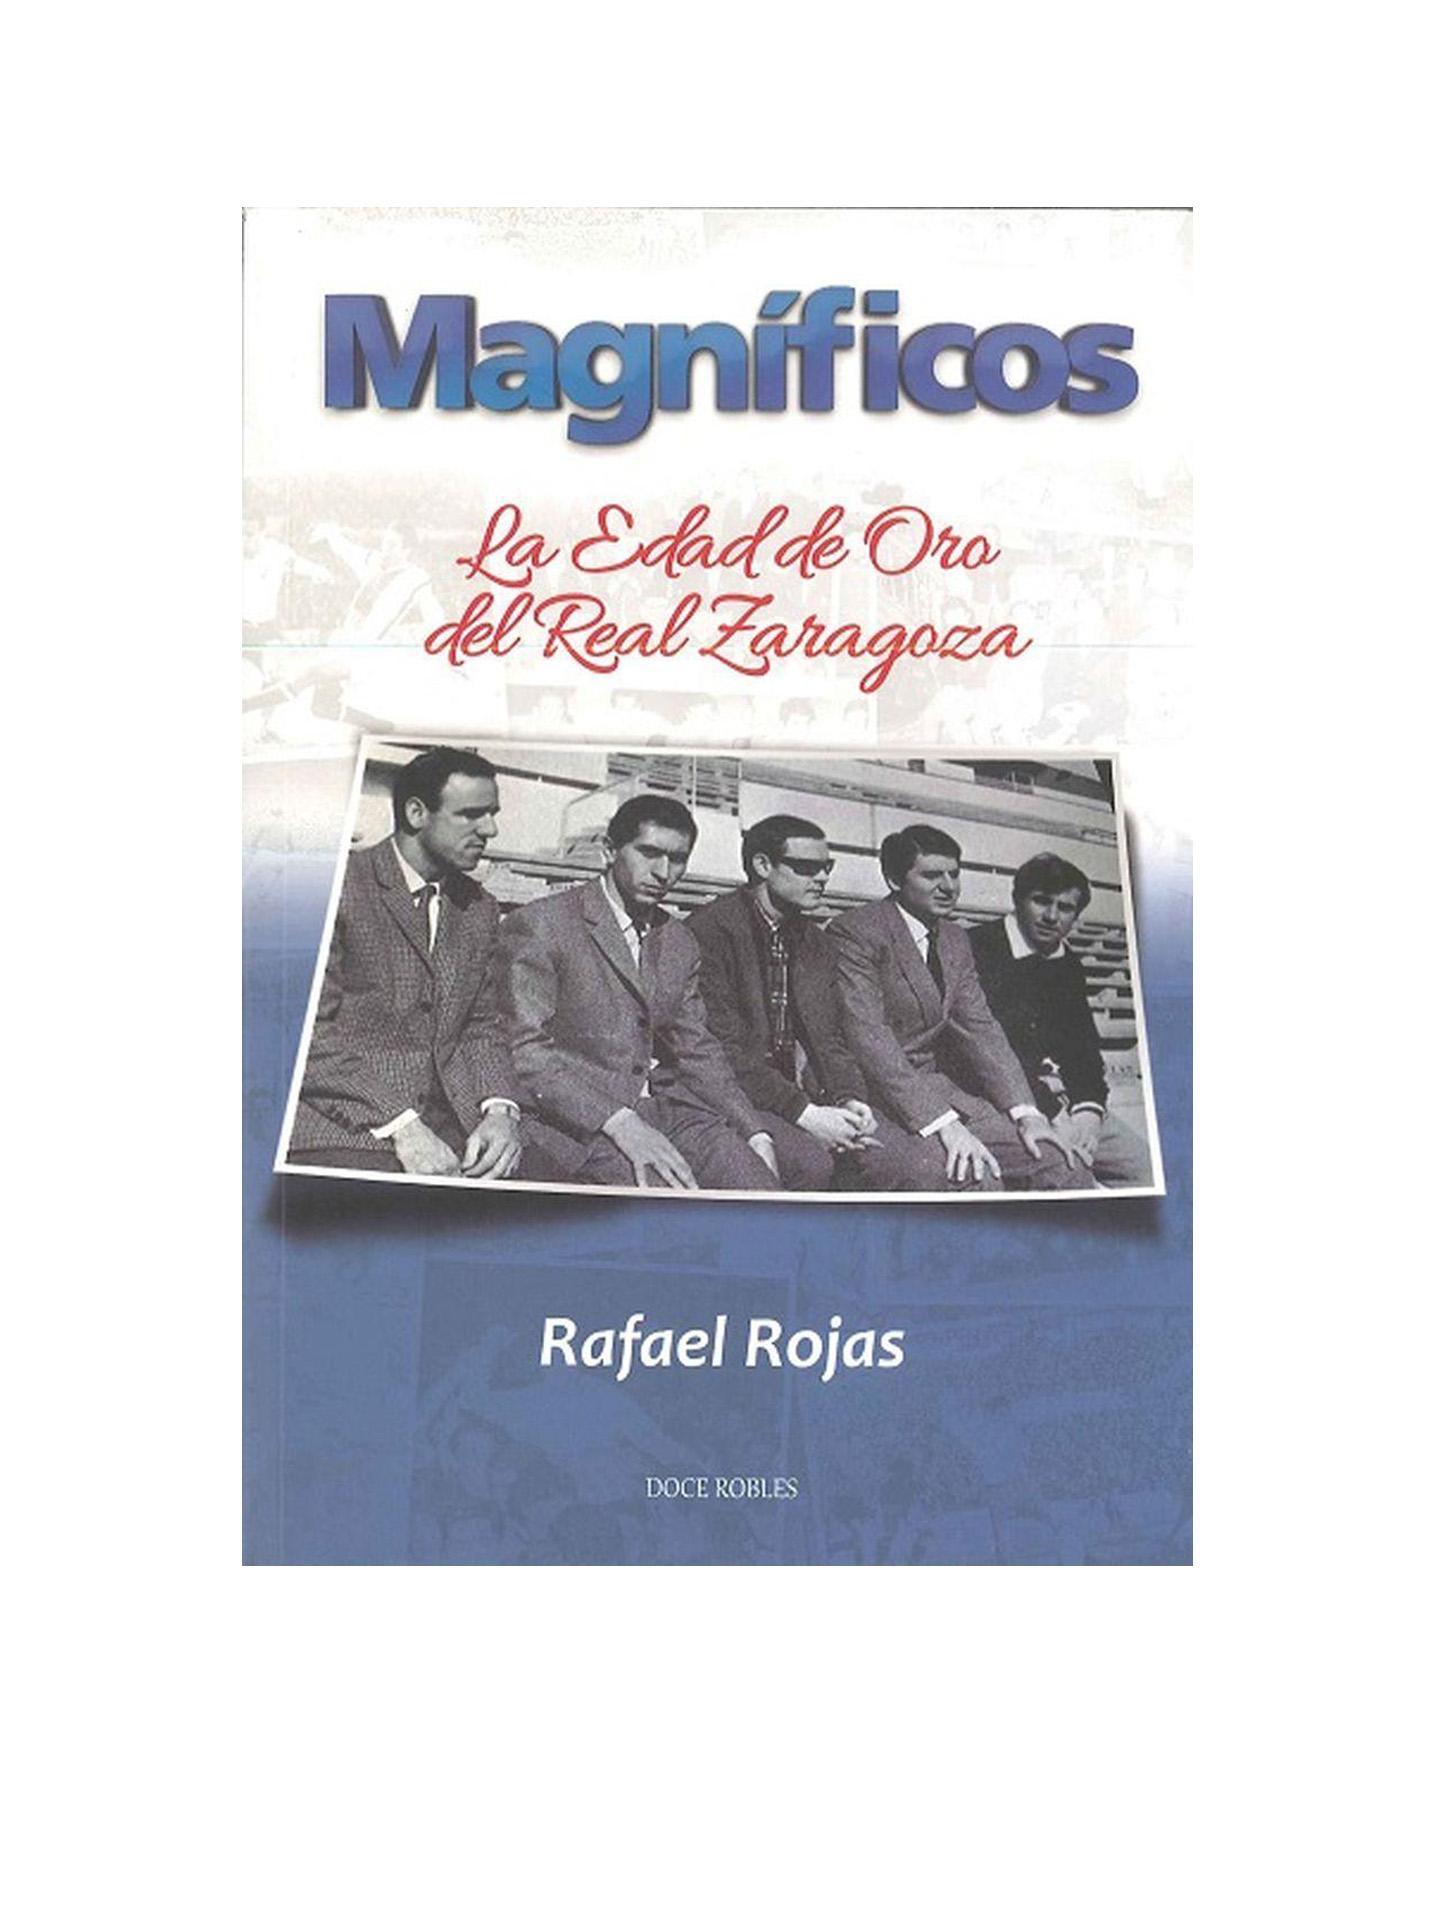 LIBRO LOS MAGNÍFICOS - LA EDAD DE ORO DEL REAL ZARAGOZA